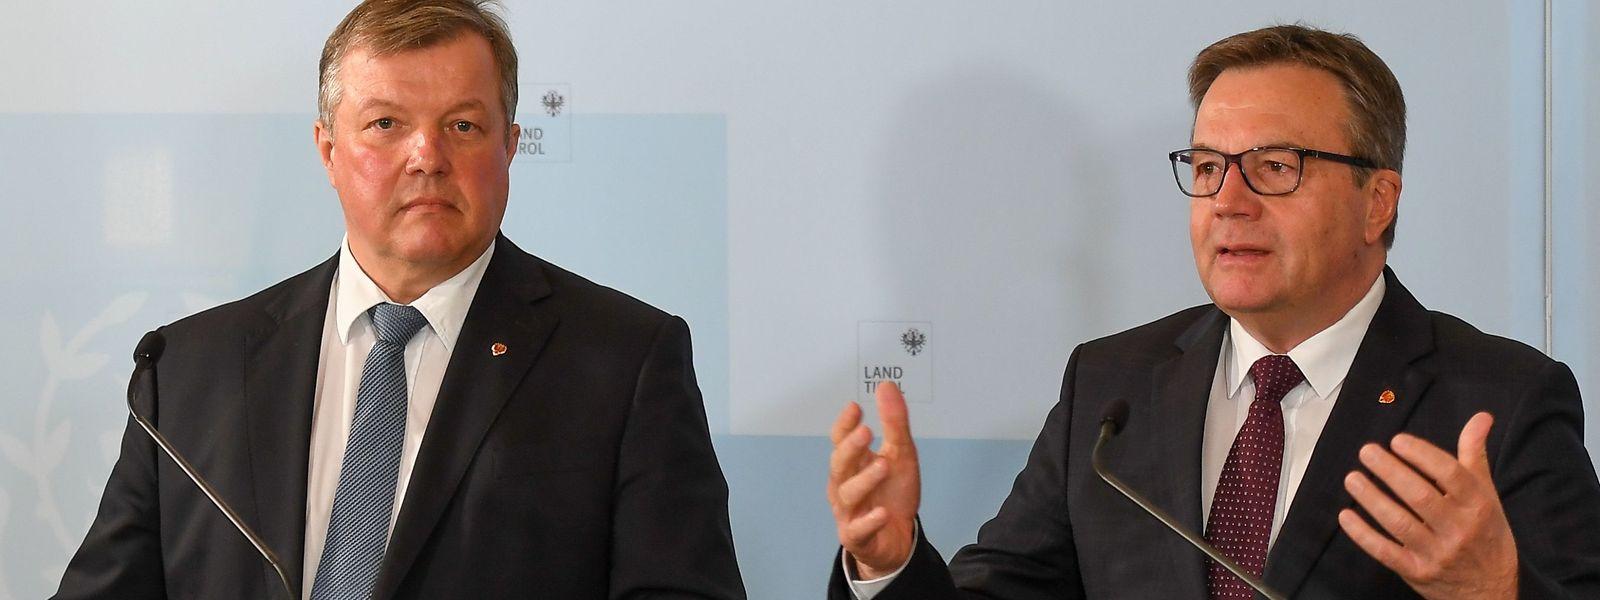 Tirols Landeshauptmann Günther Platter (r.) und Gesundheitslandesrat Bernhard Tilg informieren über die Coronavirus-Fälle.